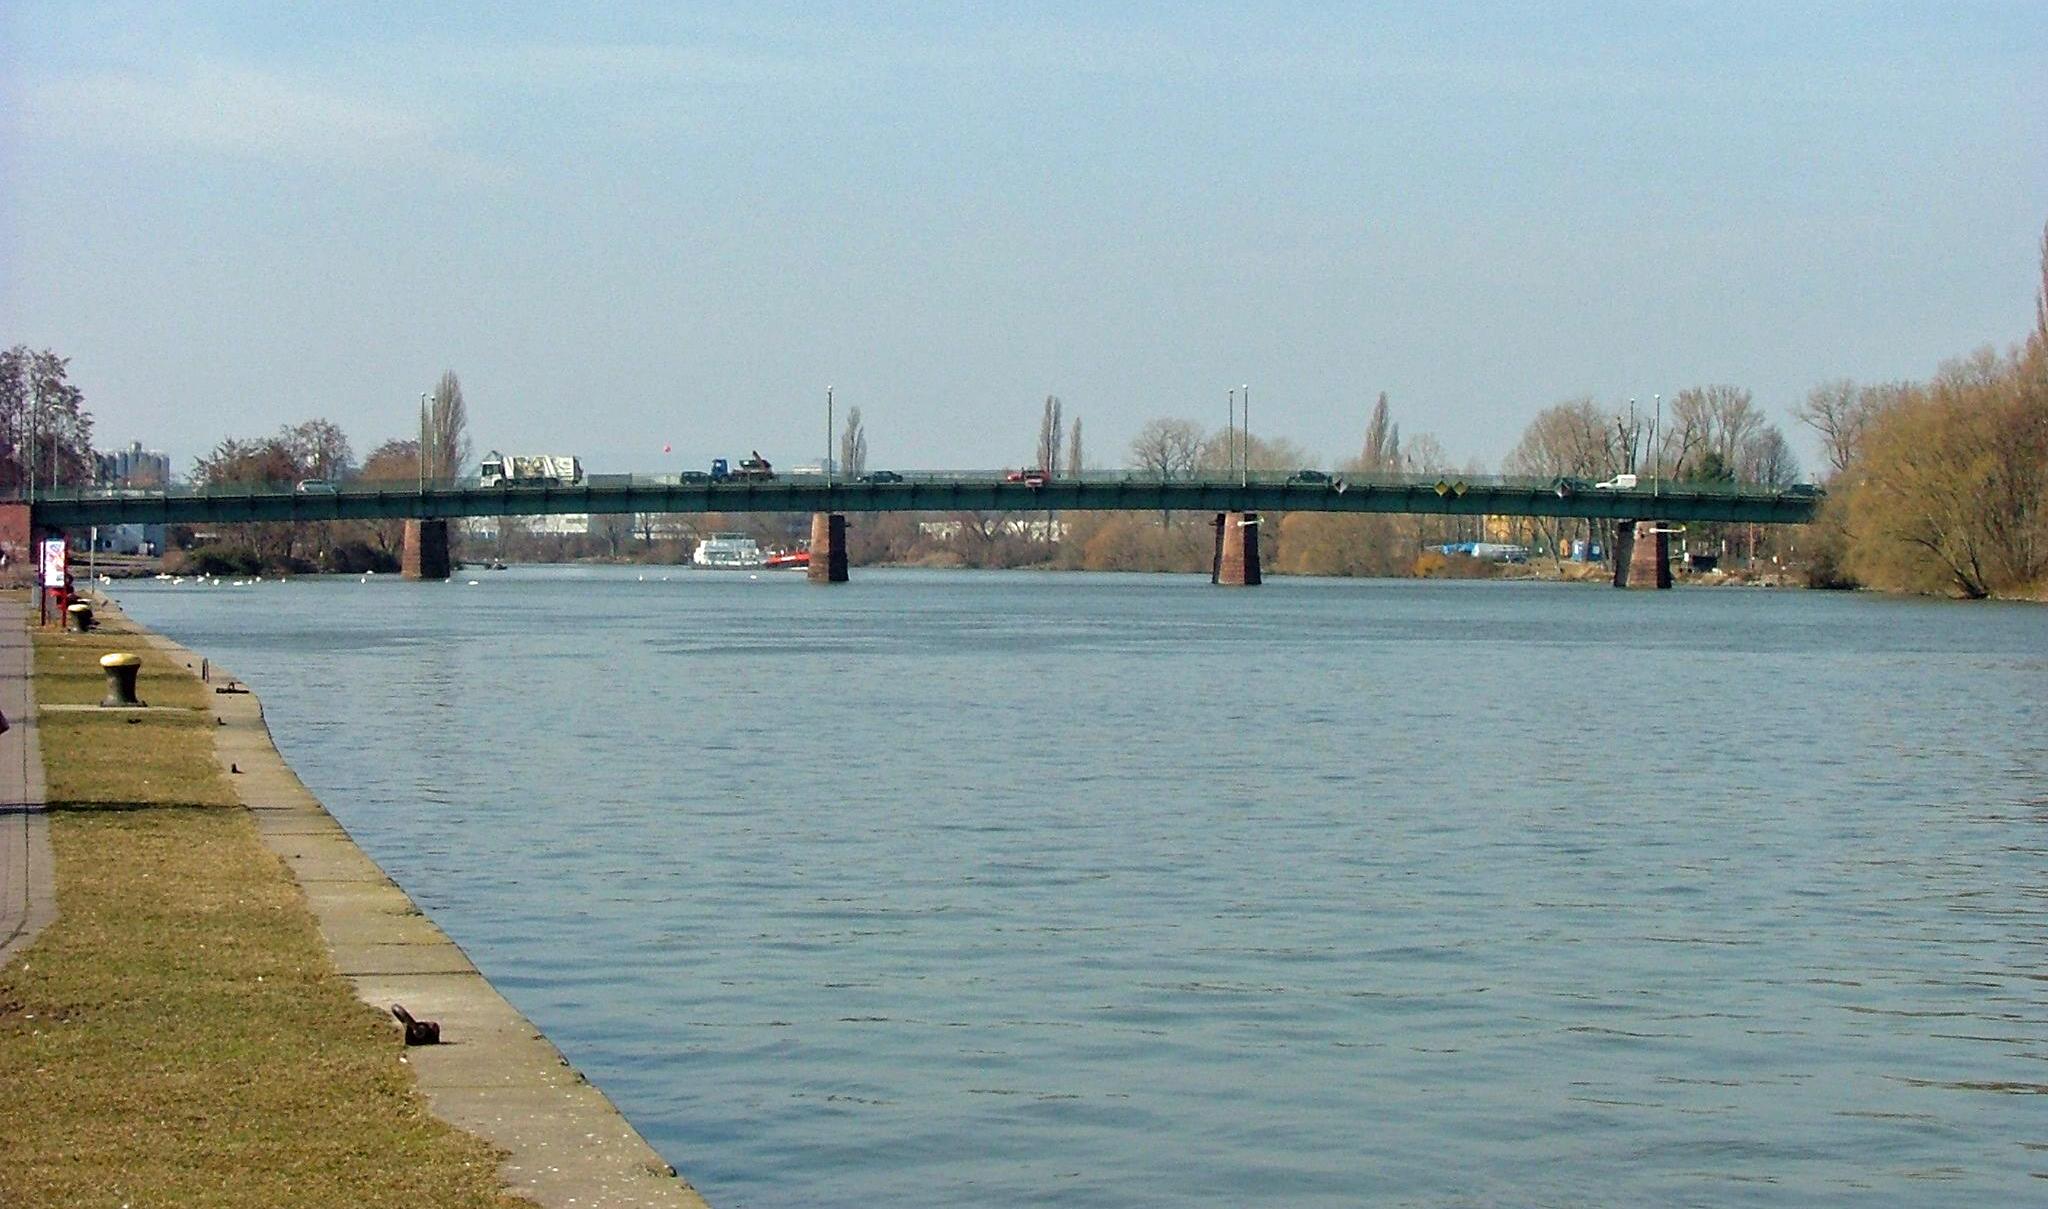 De Carl Ulrich Brücke in Offenbach (Foto Wikipedia)